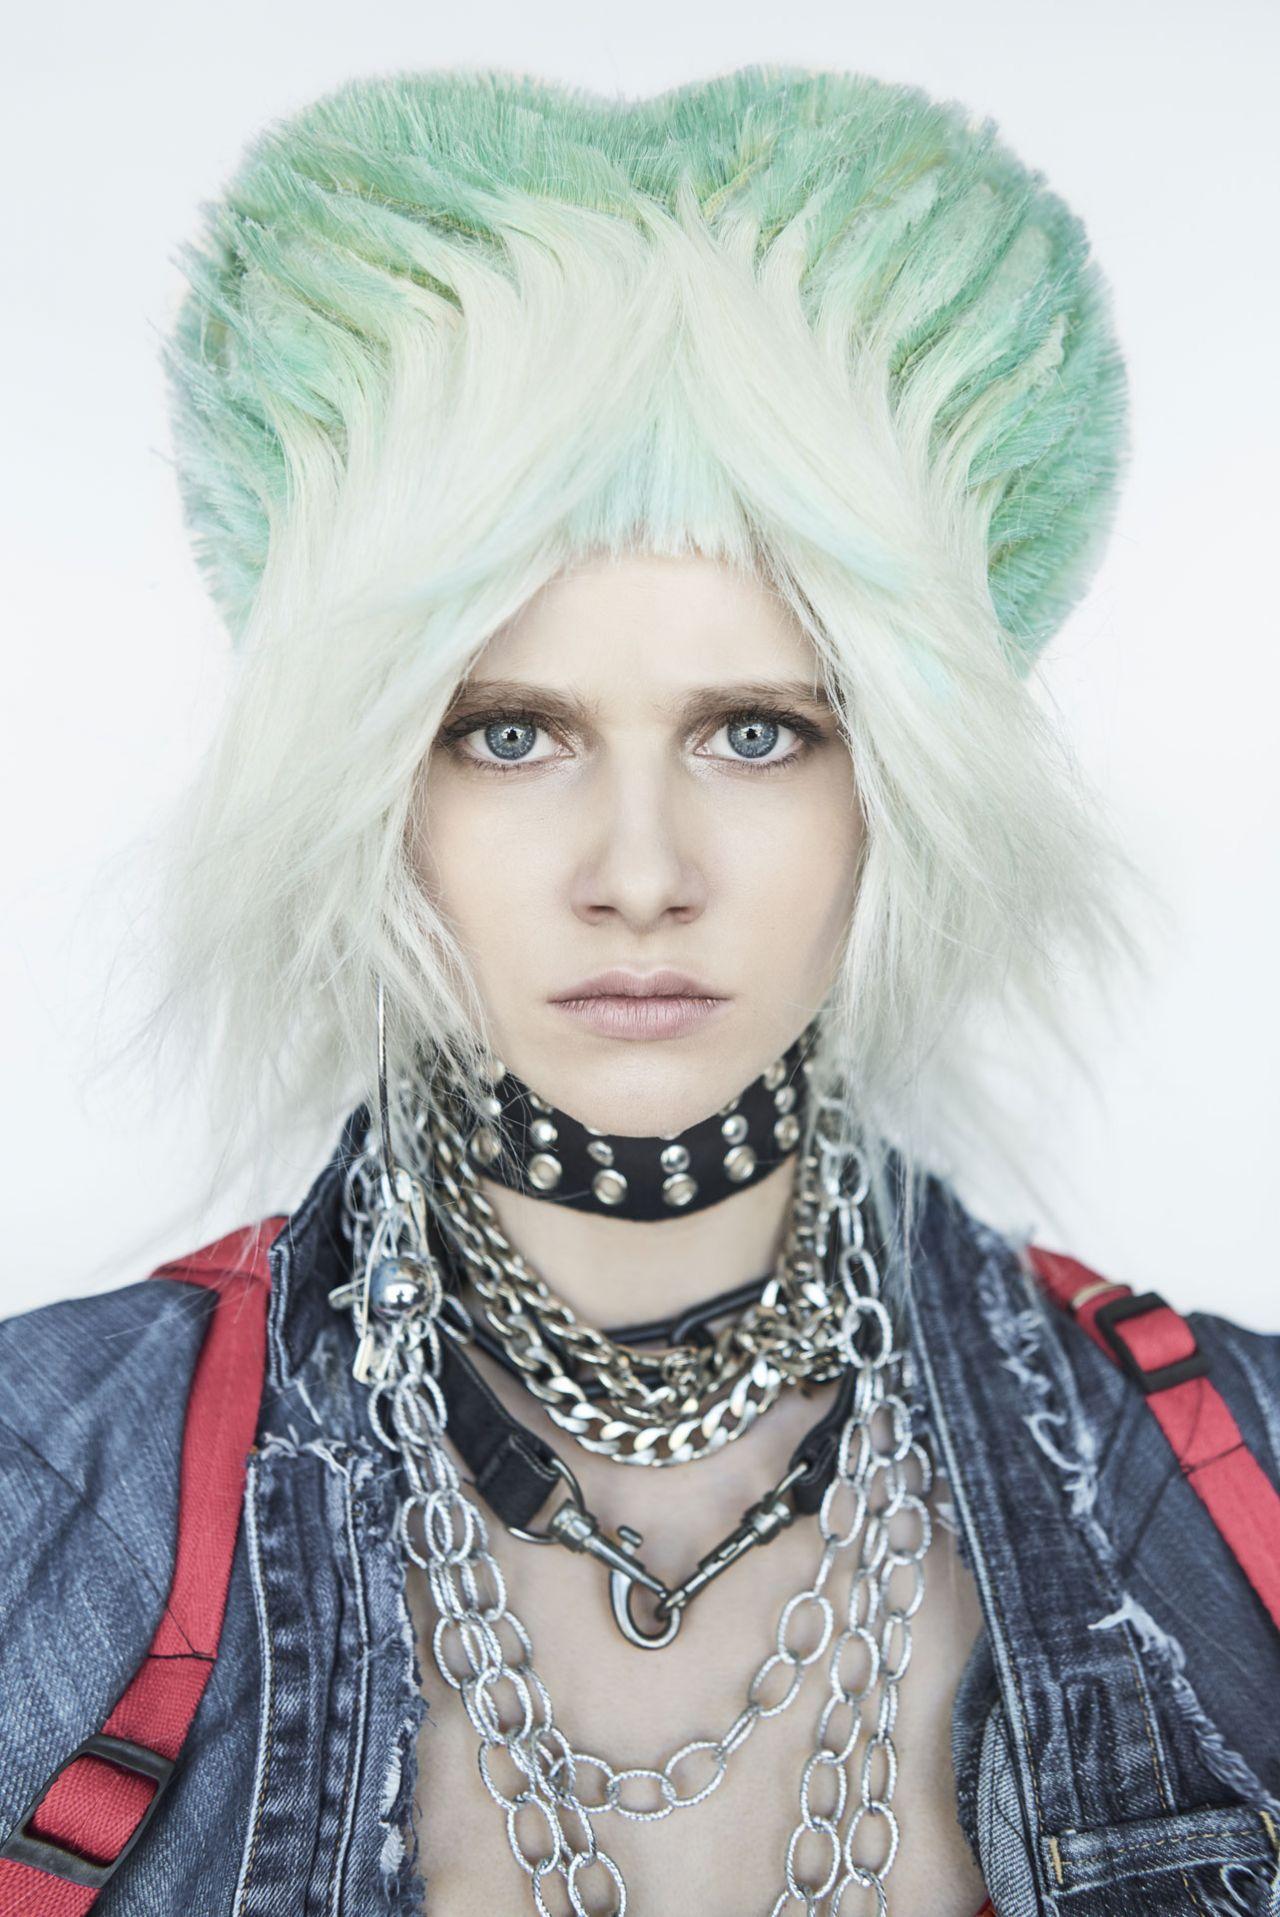 Punk Rock Girls Frisuren Kollektion Von Manuel Mon